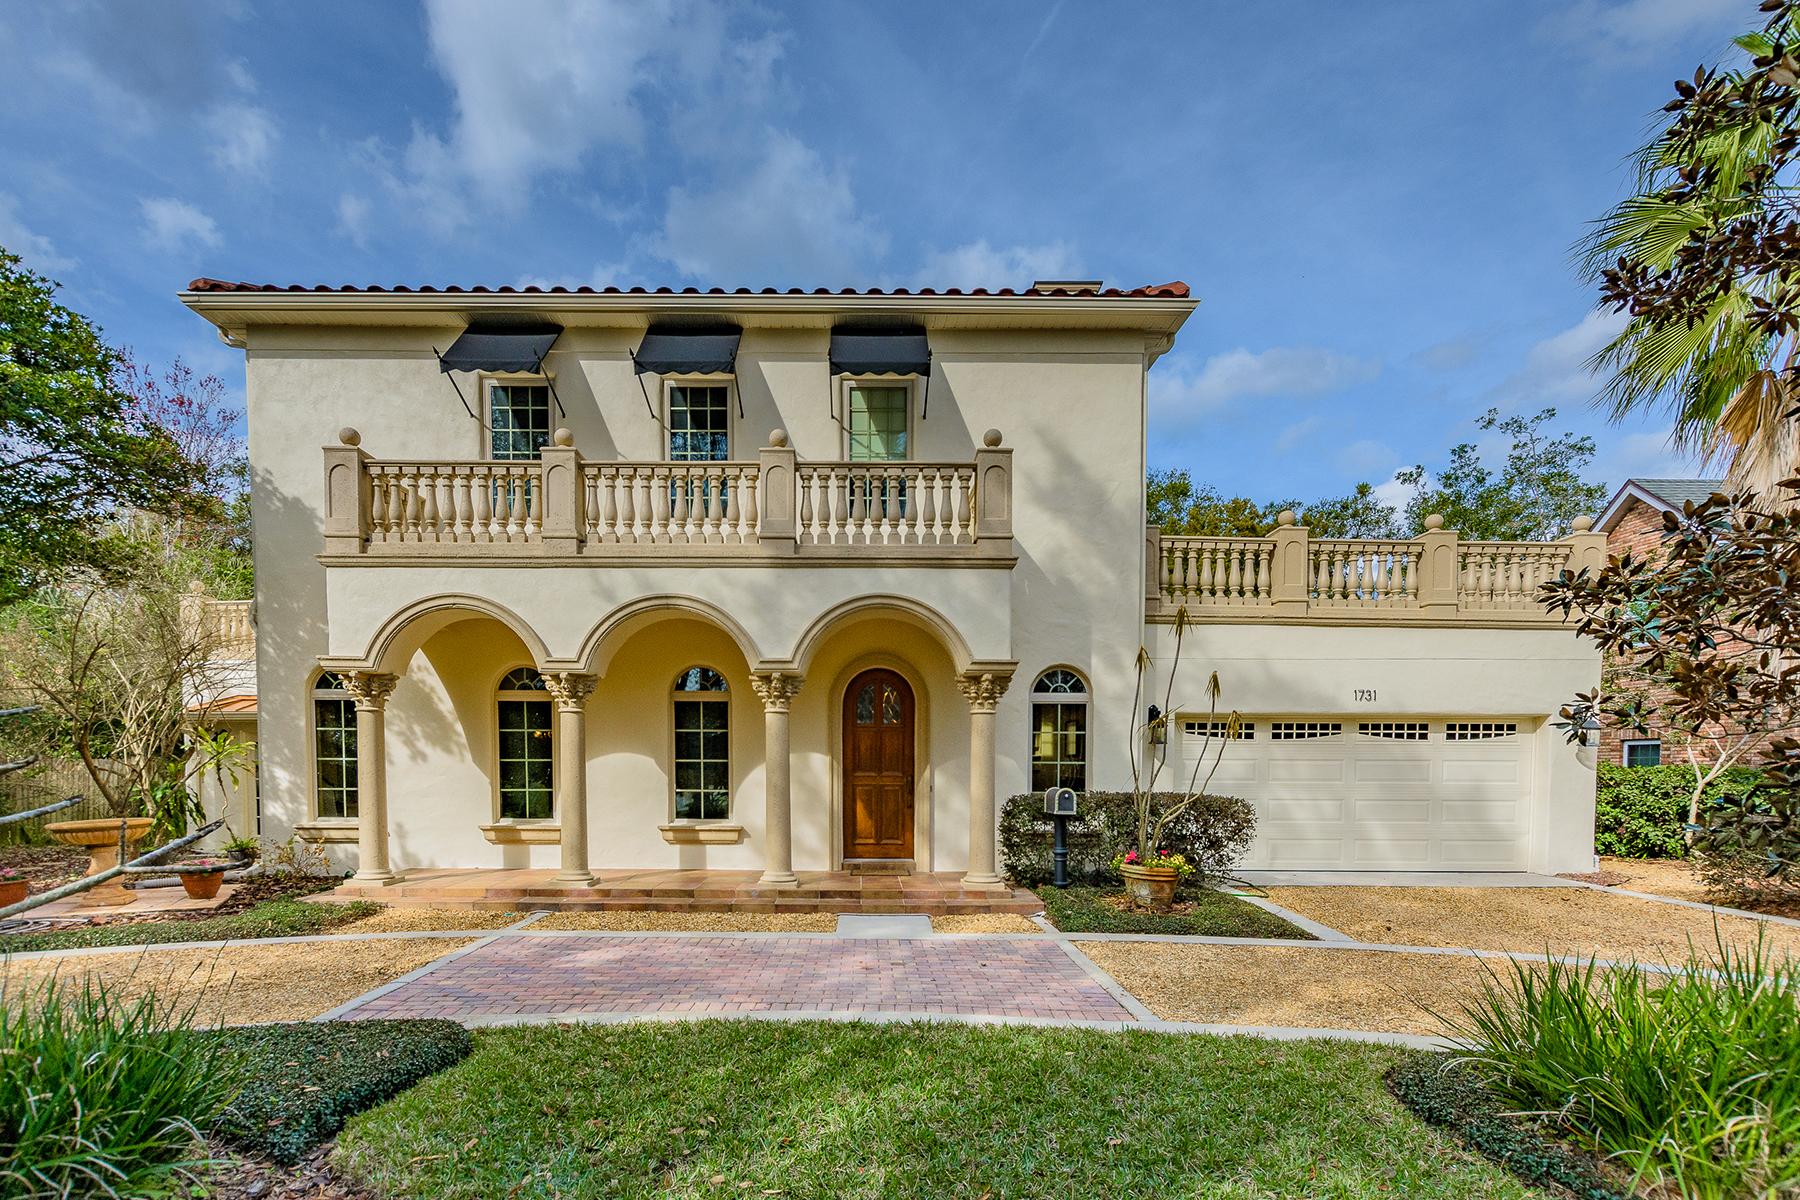 Частный односемейный дом для того Продажа на Winter Park 1731 Windsor Dr, Winter Park, Флорида, 32789 Соединенные Штаты